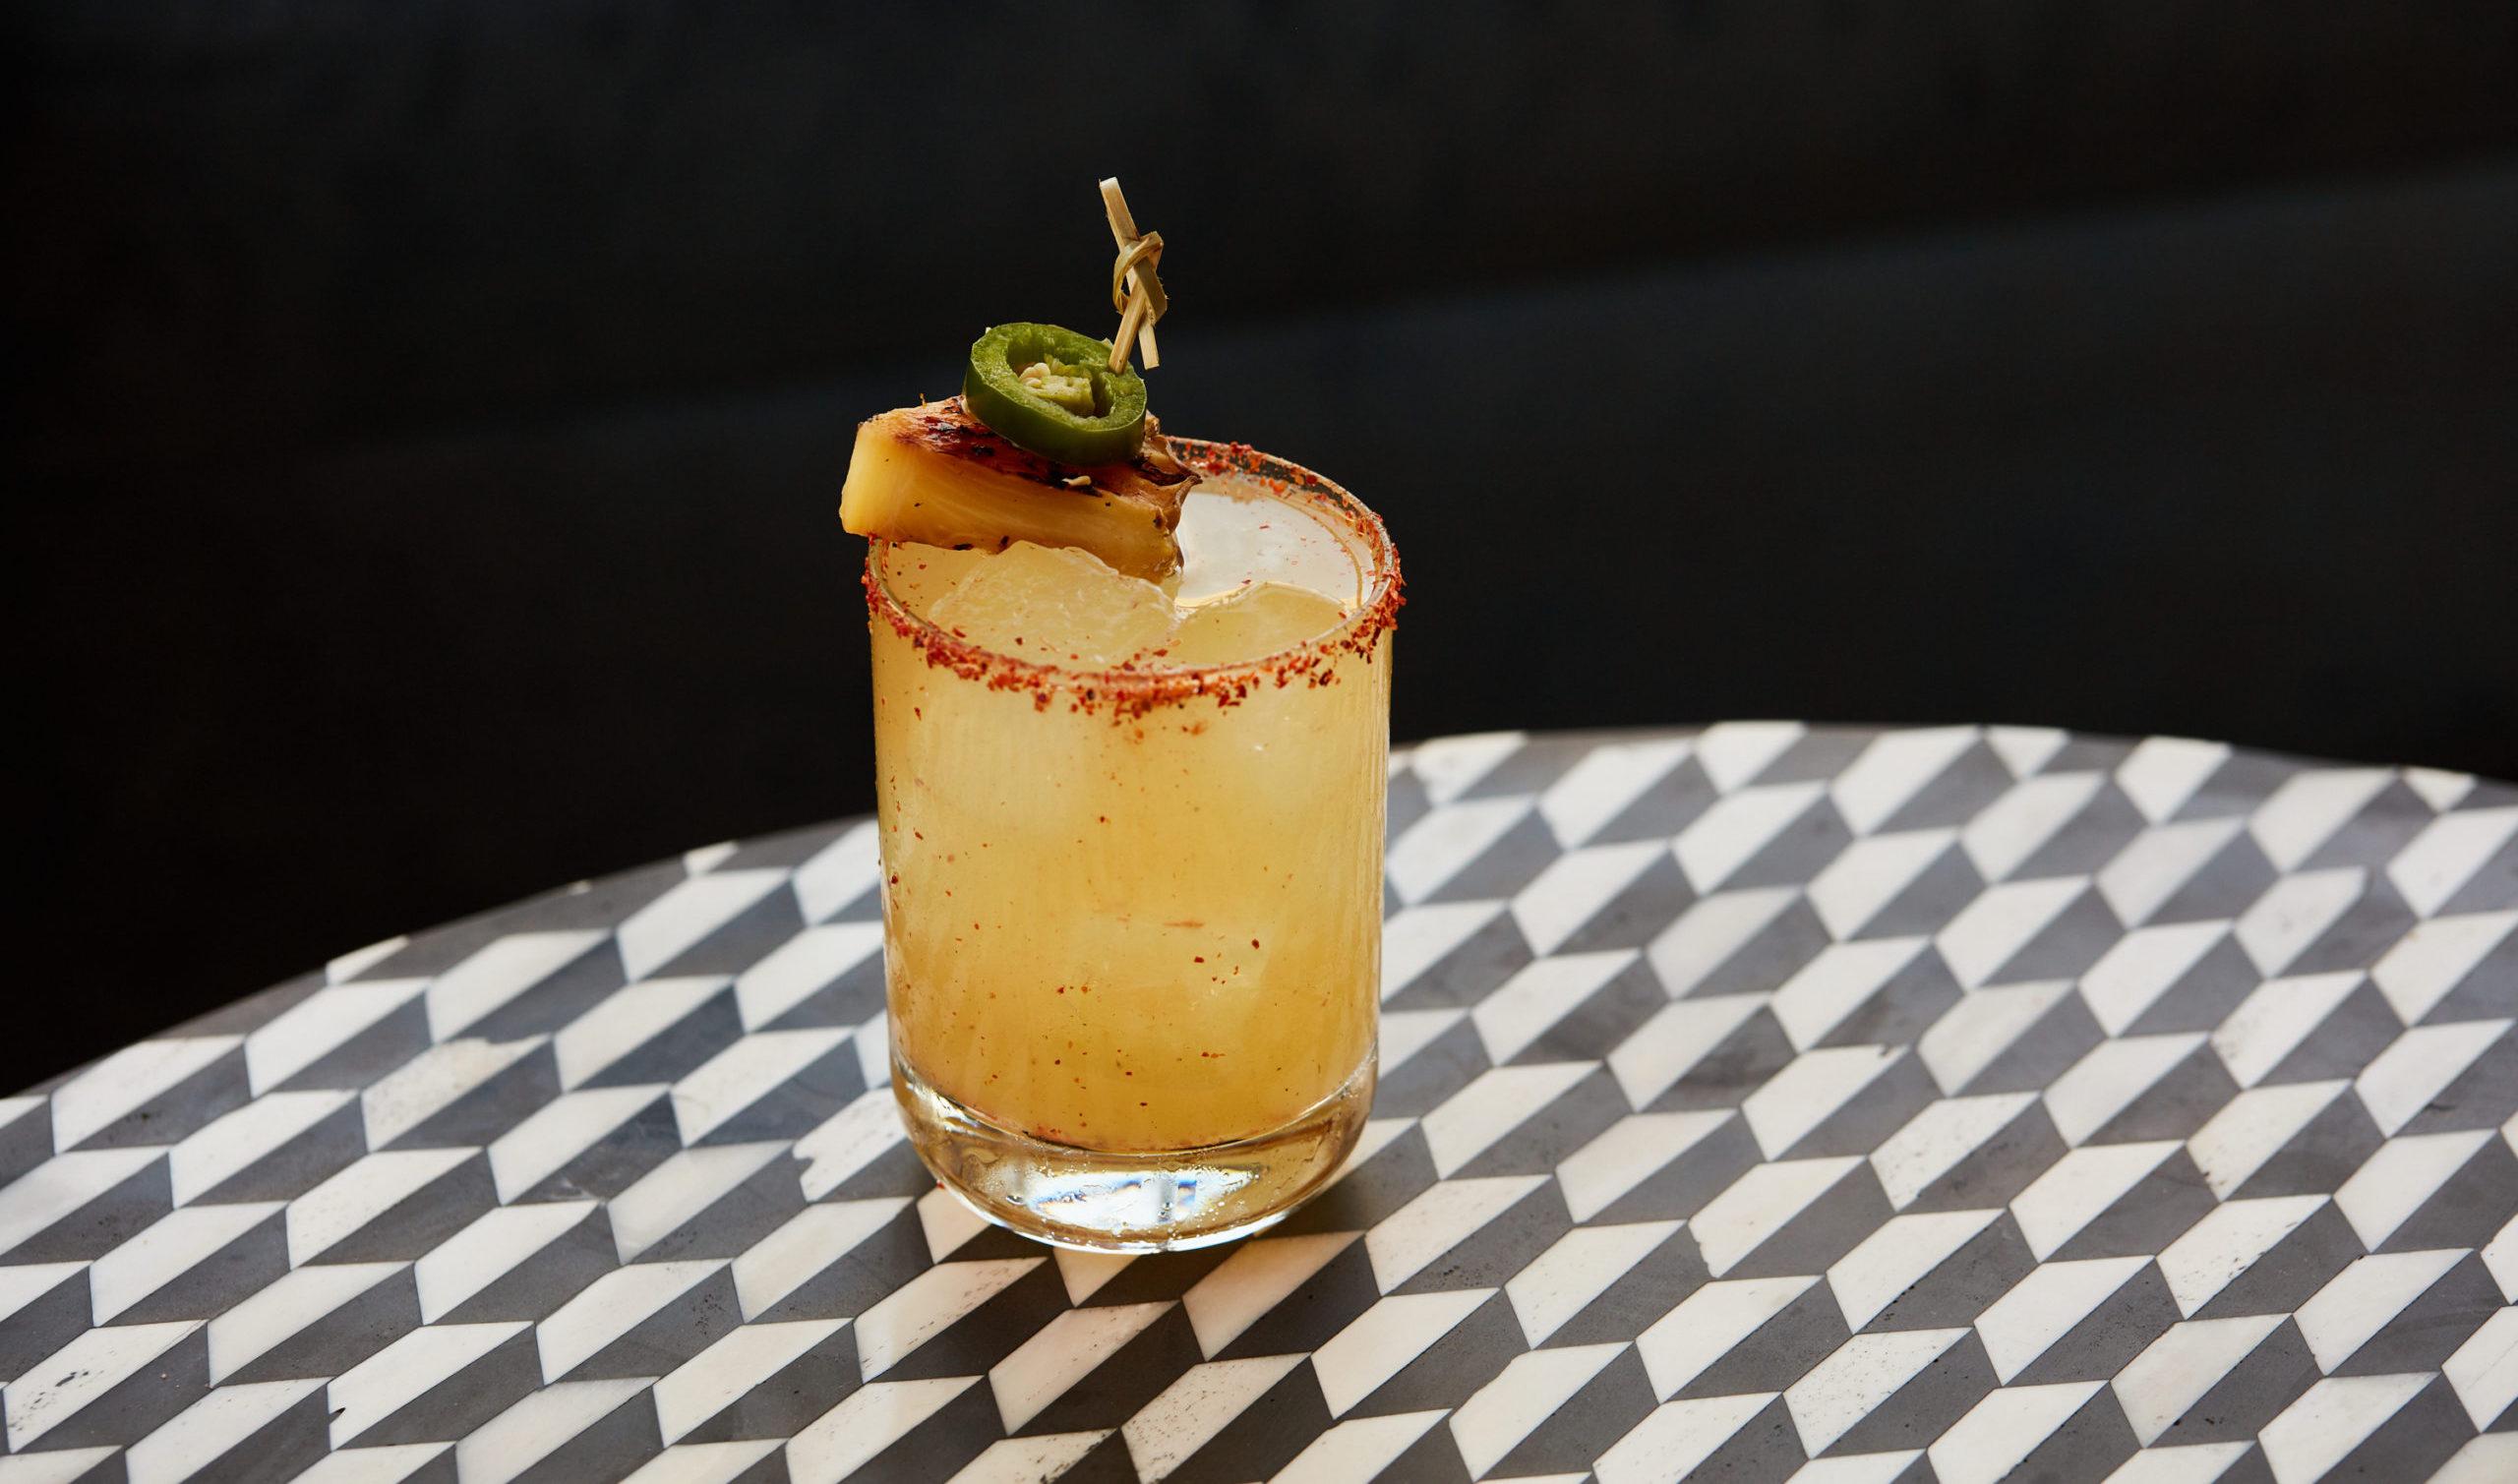 BORRACHO AMIGO cocktail